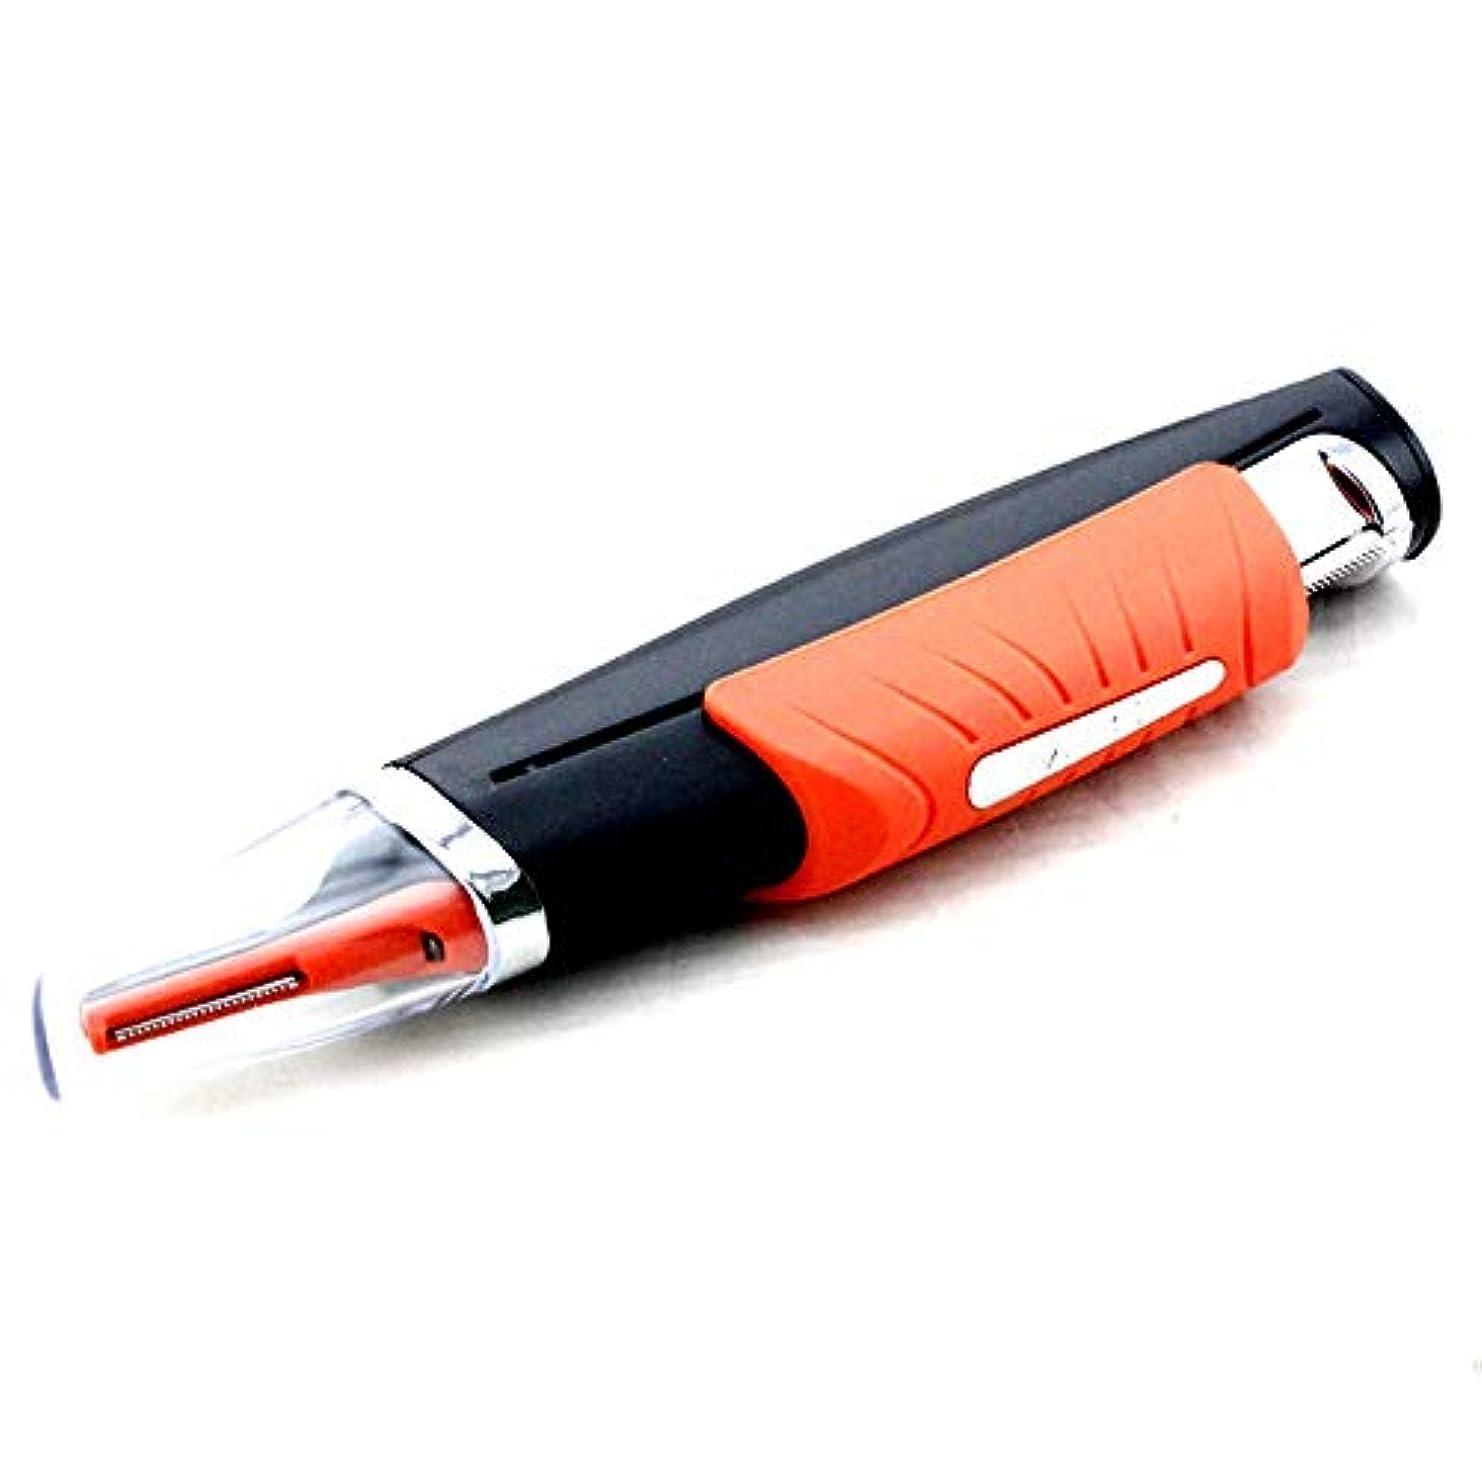 不正不正直完了鼻毛カッター はなげカッター バッテリ駆動耳/鼻トリマー、Detailerシェーバーアタッチメントを含みます (Color : Orange, Size : S)